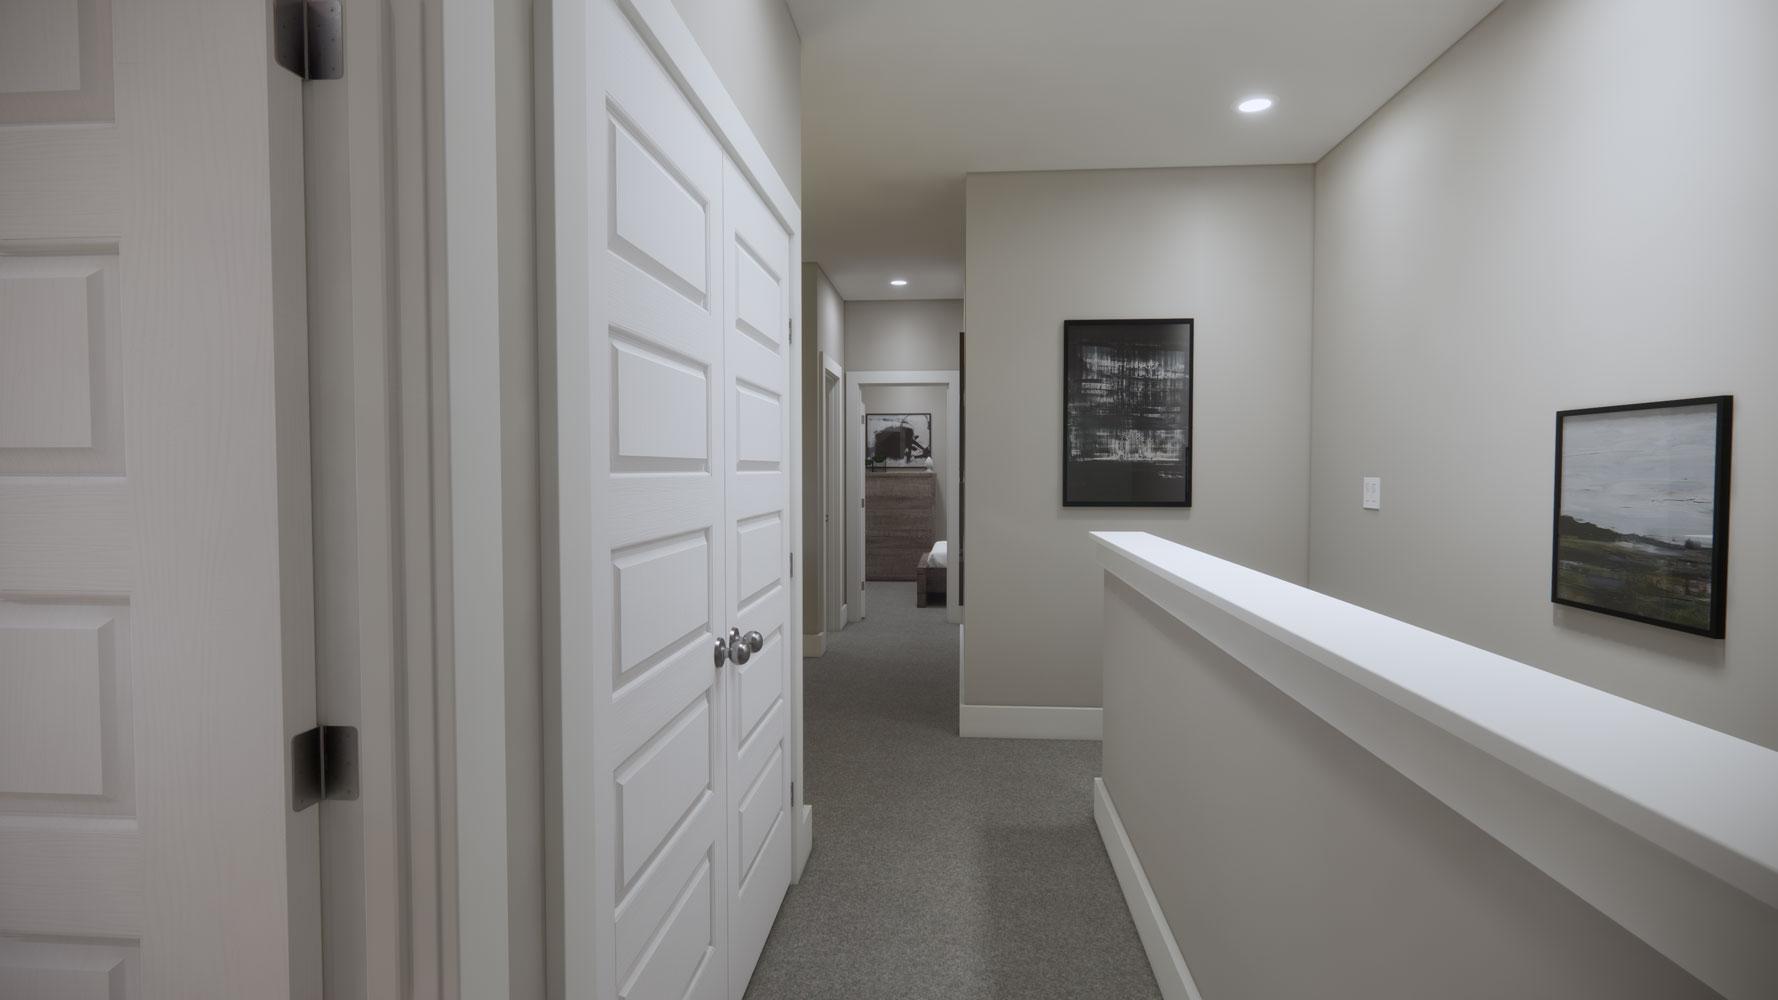 Large Hallways at Echelon at Reverchon Bluffs in Dallas, Texas